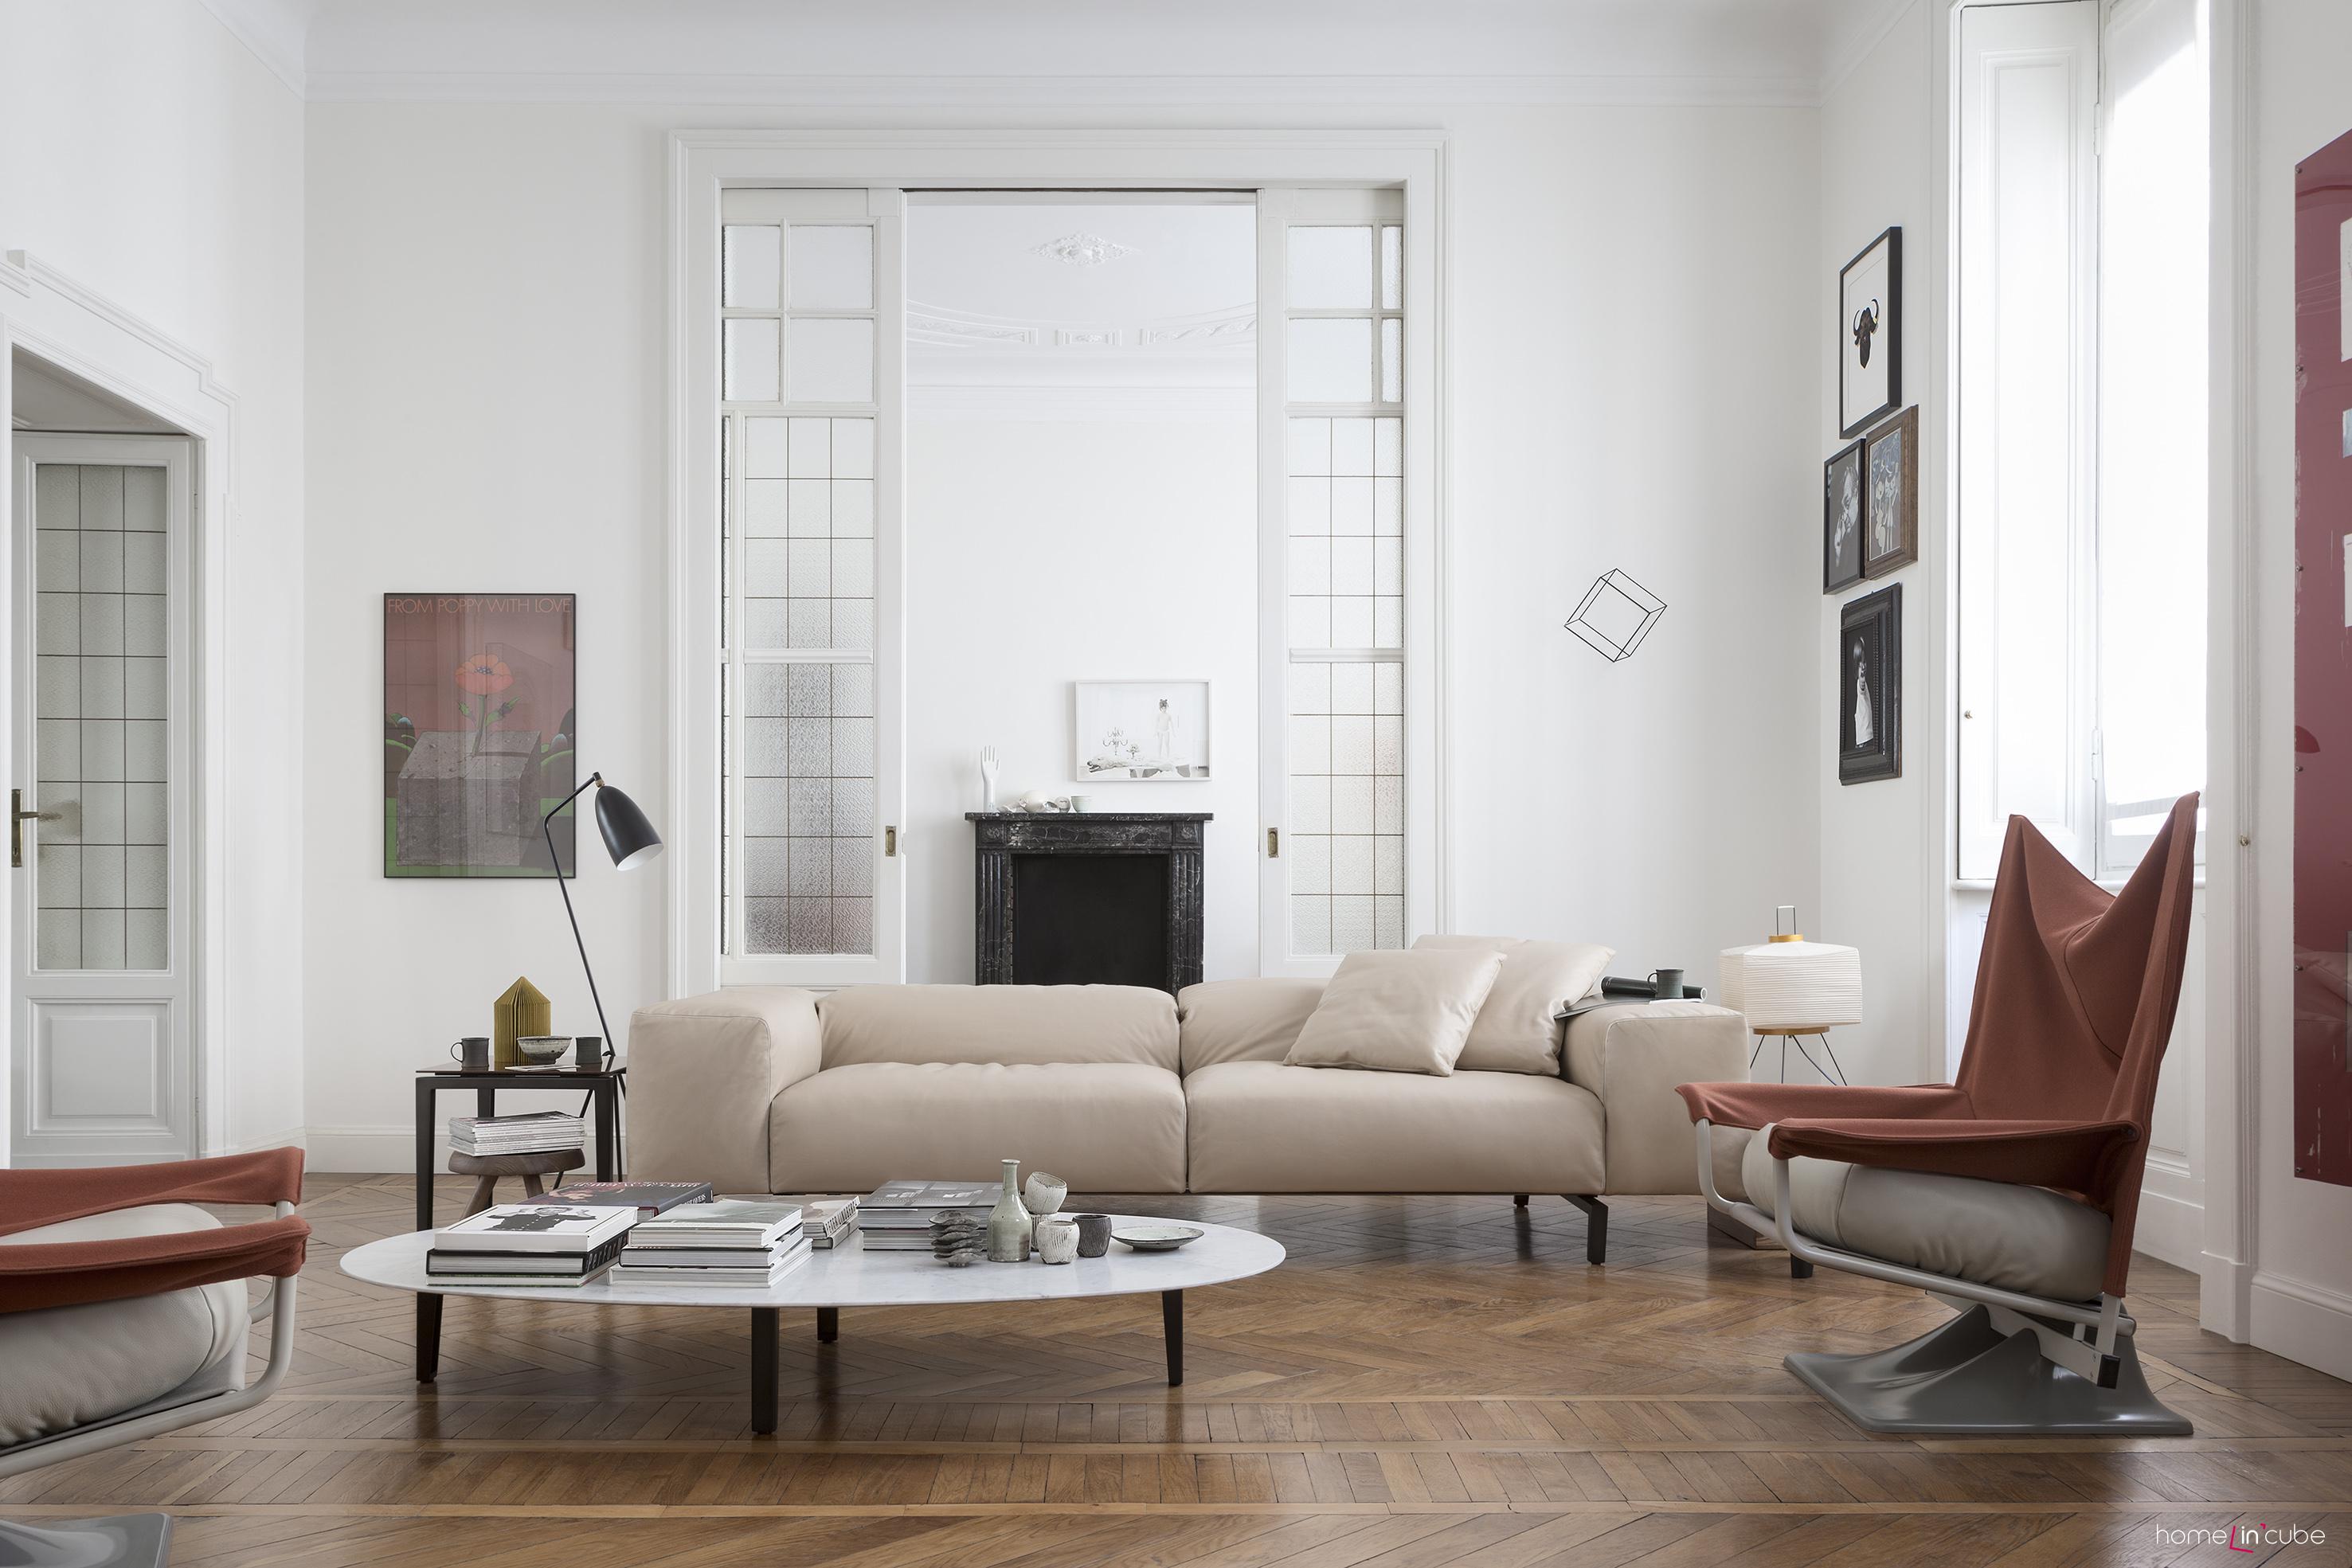 Sedací souprava Scighera (design Piero Lissoni), Cassina. Jednoduchý kubický tvar pohovky lze kombinovat v interiéru s nábytkem jiných tvarů a odlišného výrazu.